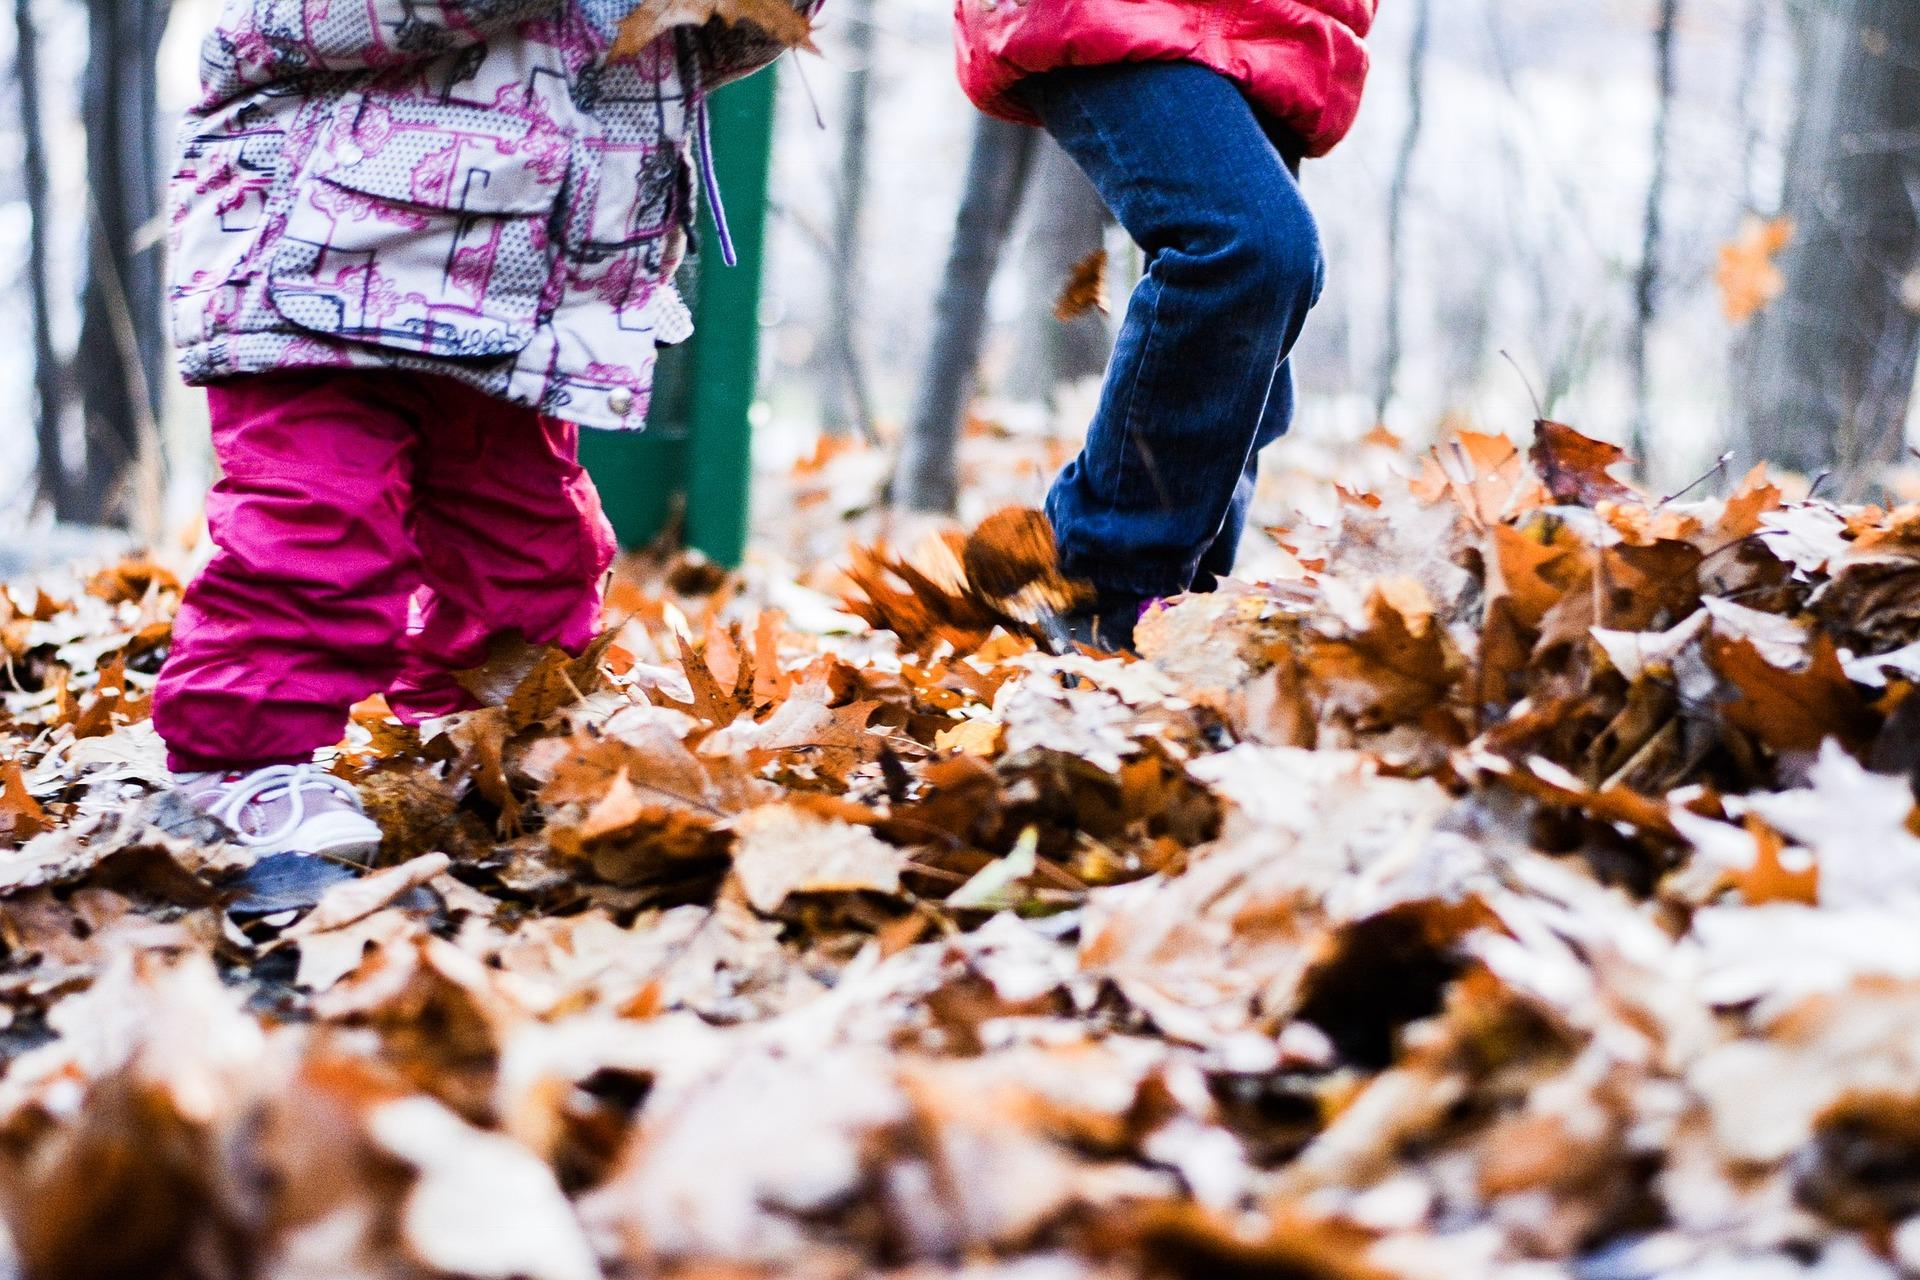 Children running through autumn leaves